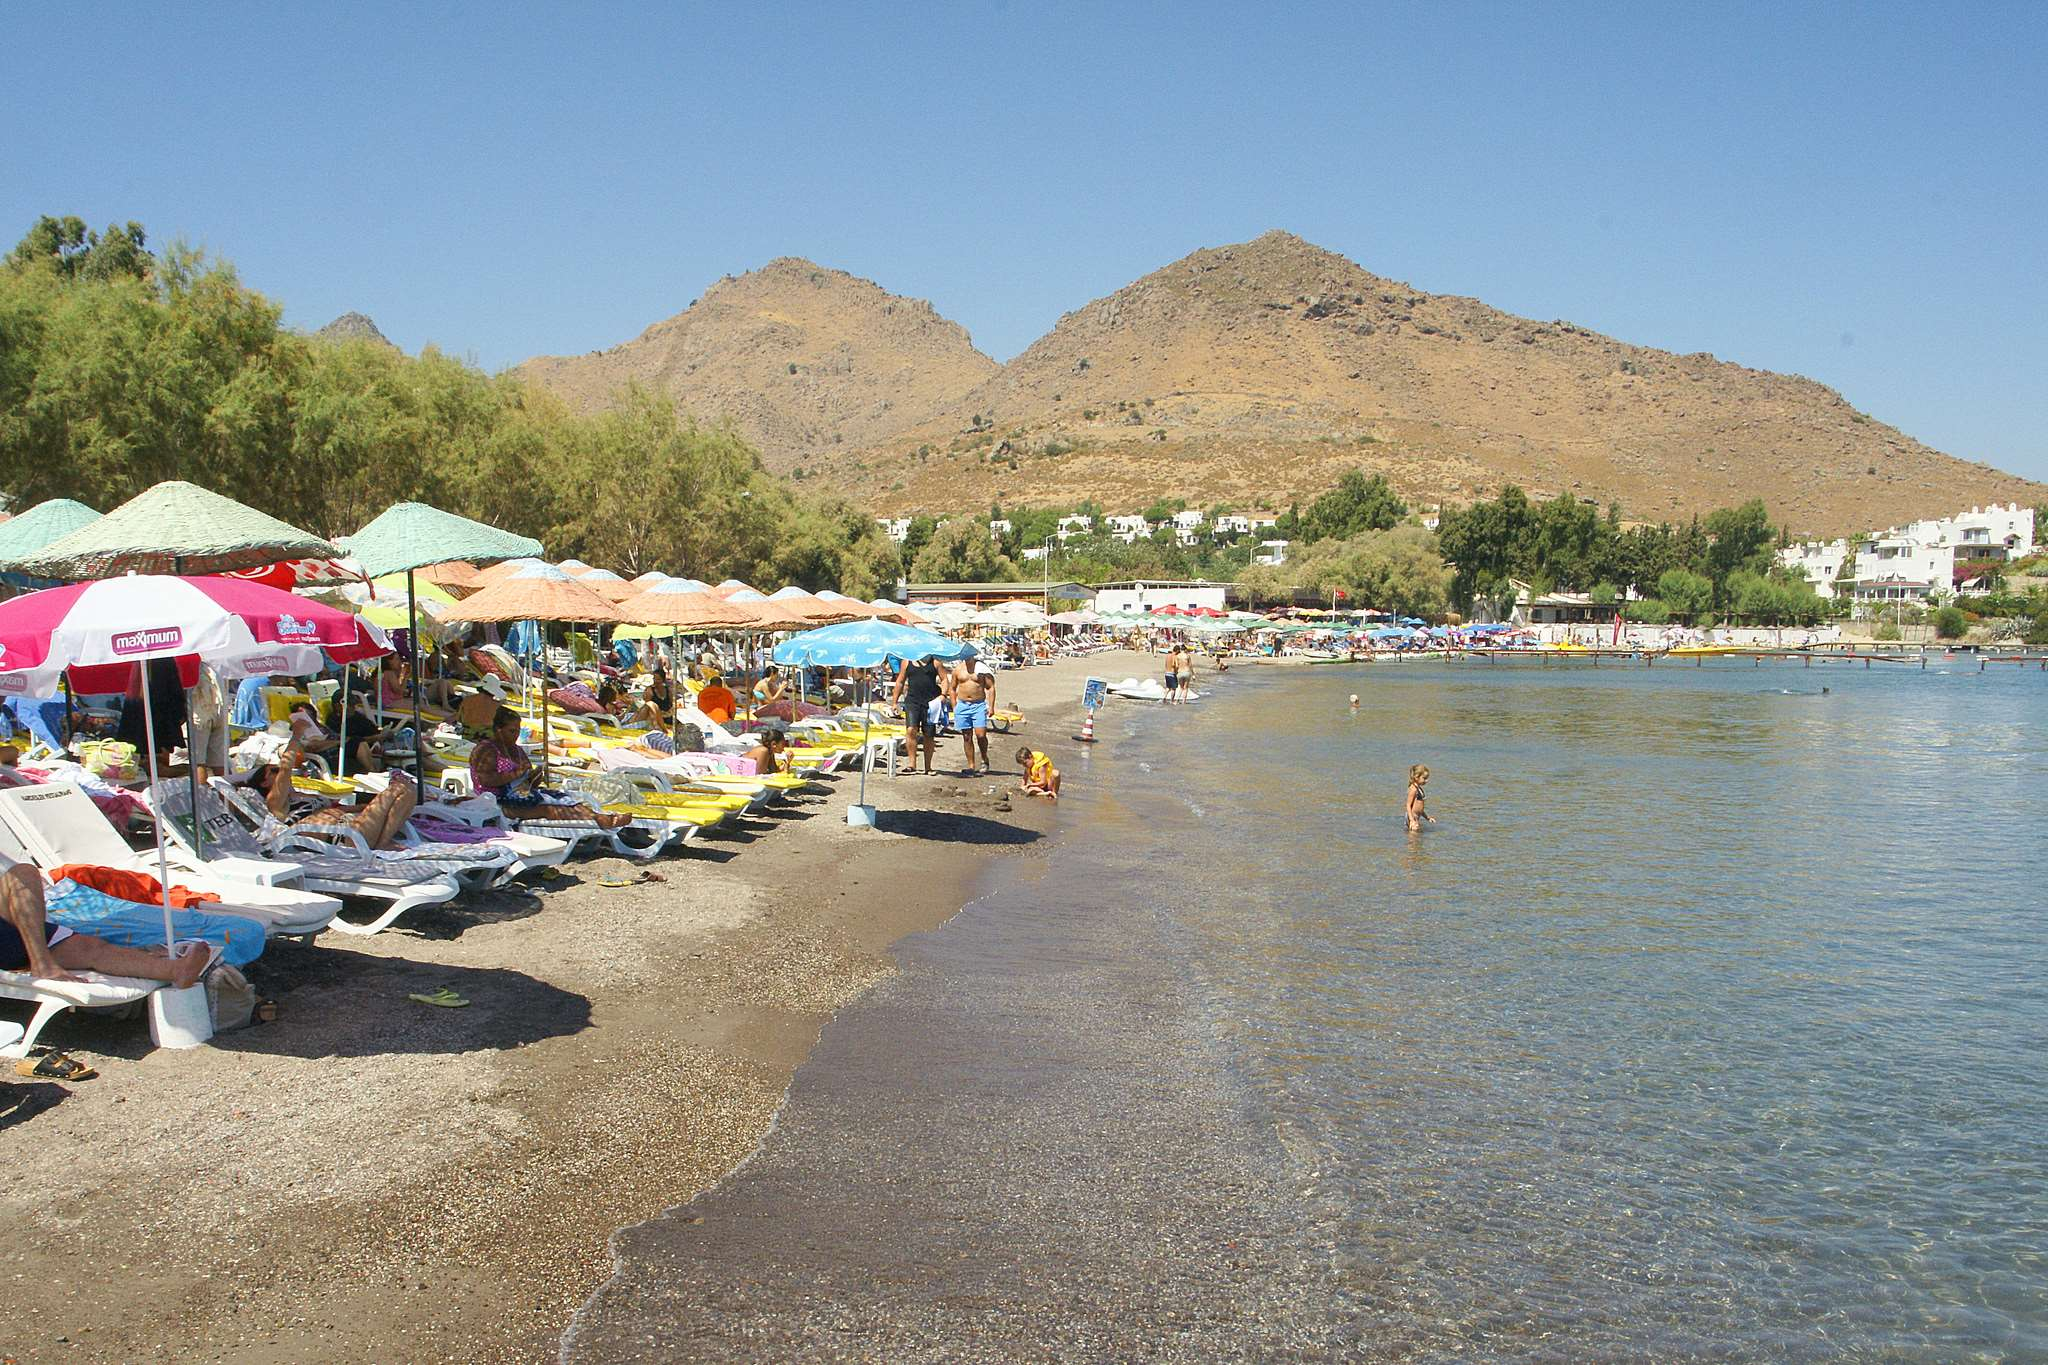 Курорт в 15 км от Бодрума. В его окрестностях много зелени. Пляжи песчаные, а море мелкое и теплое. Подходит ценителям тихого и размеренного отдыха, семейным парам с детьми.